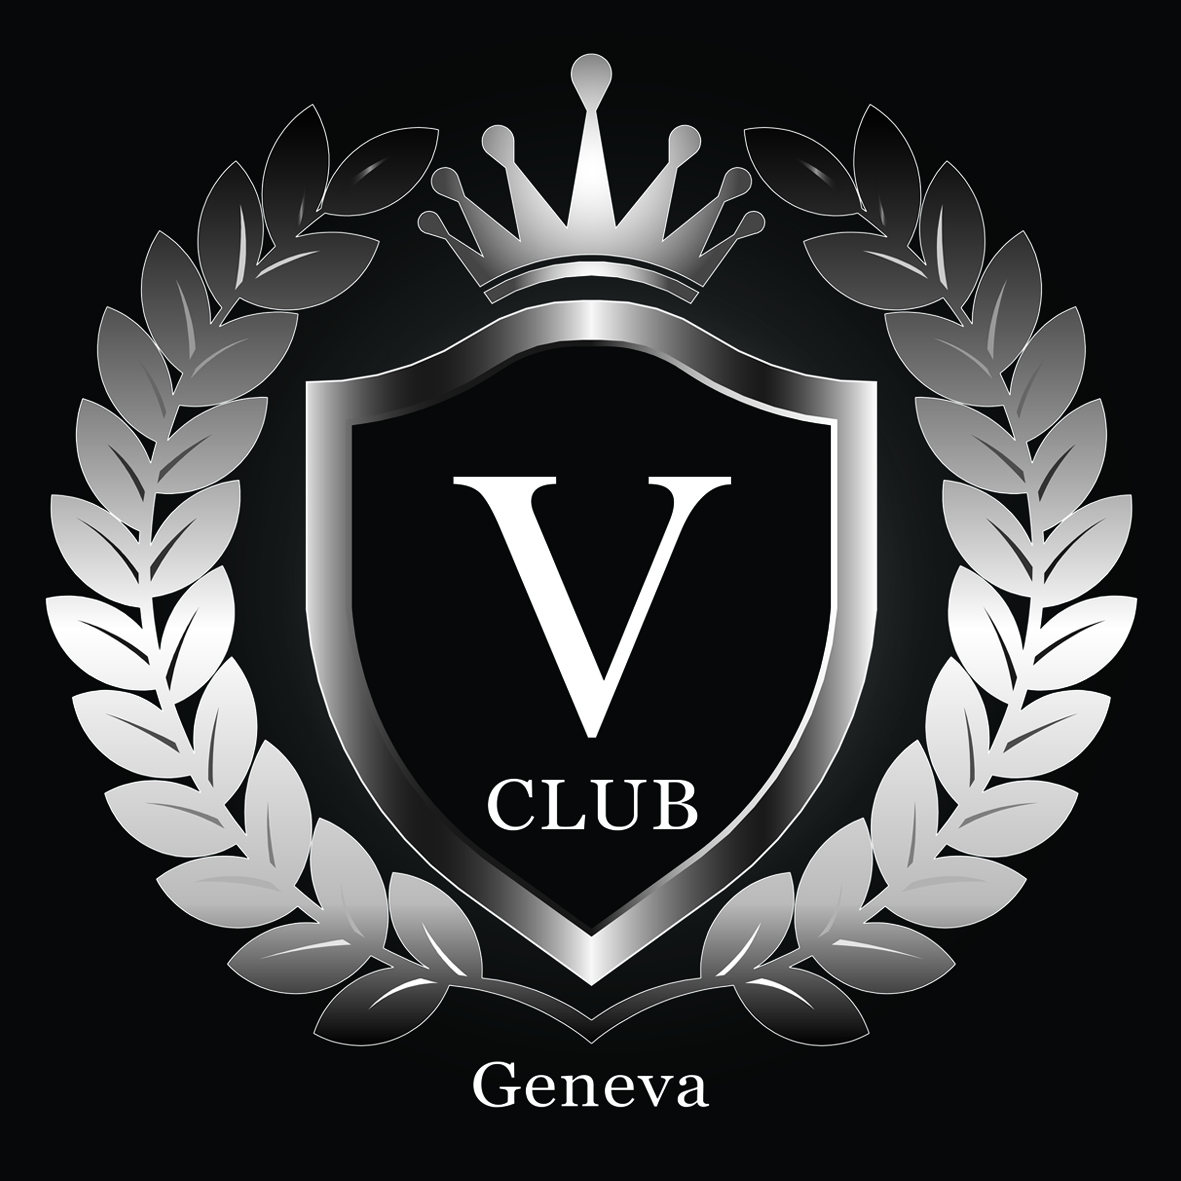 V-Club Geneva